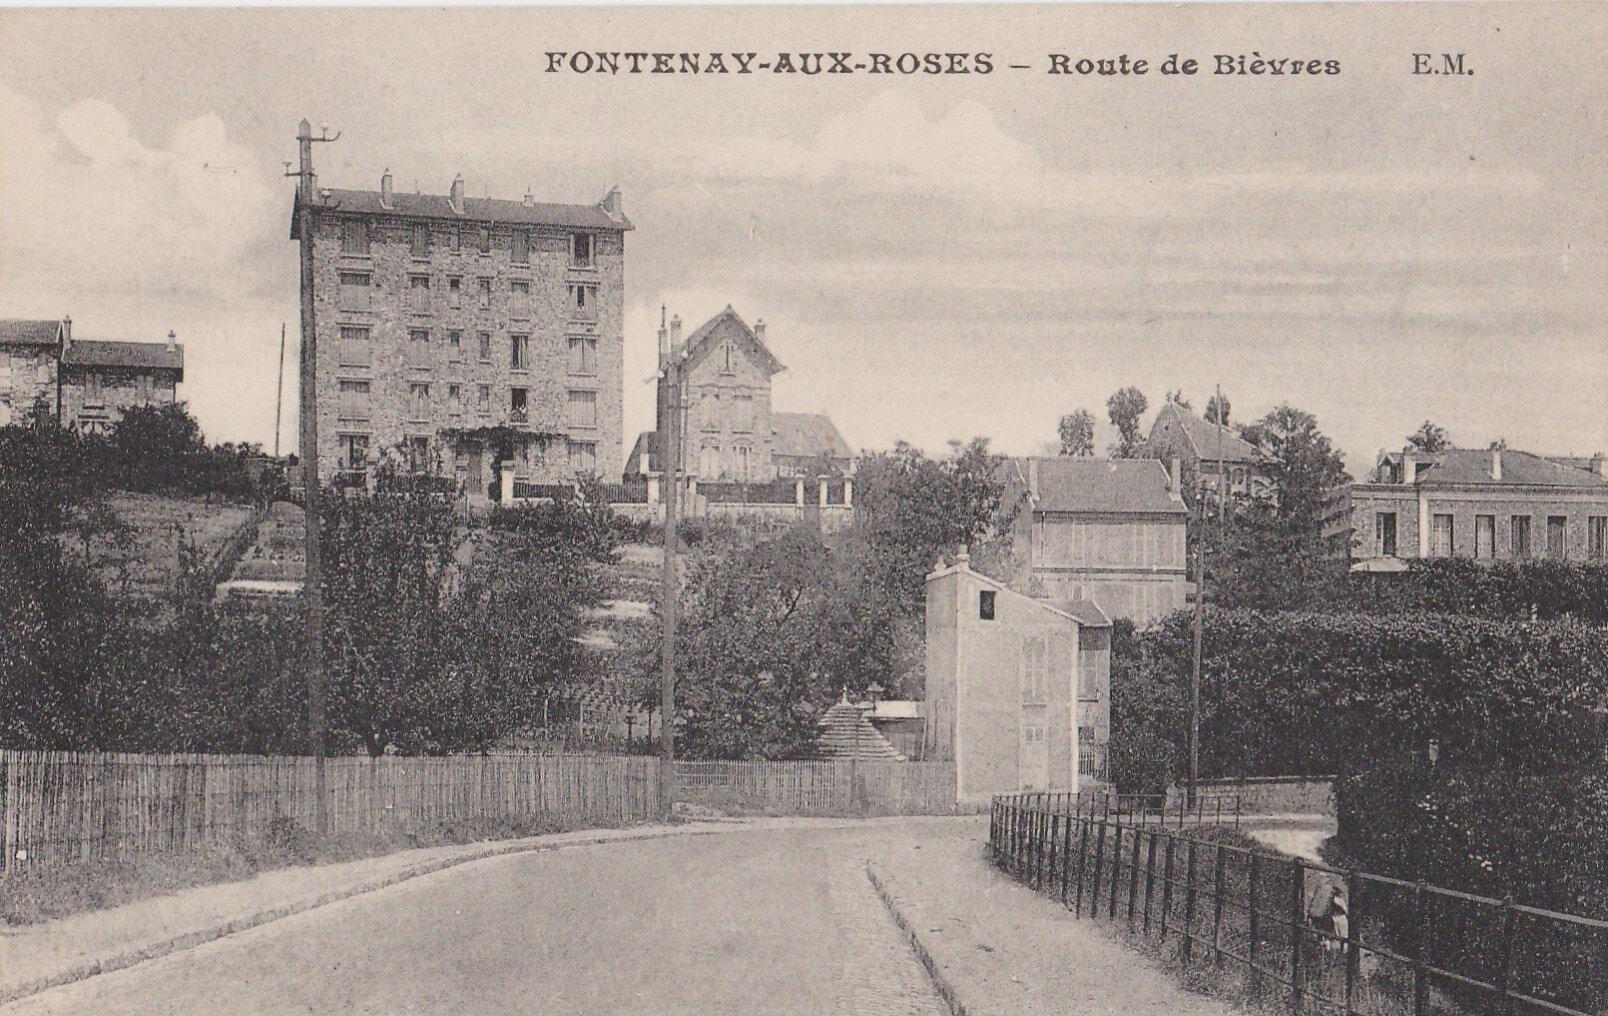 FONTENAY-AUX-ROSES Route de Bièvres